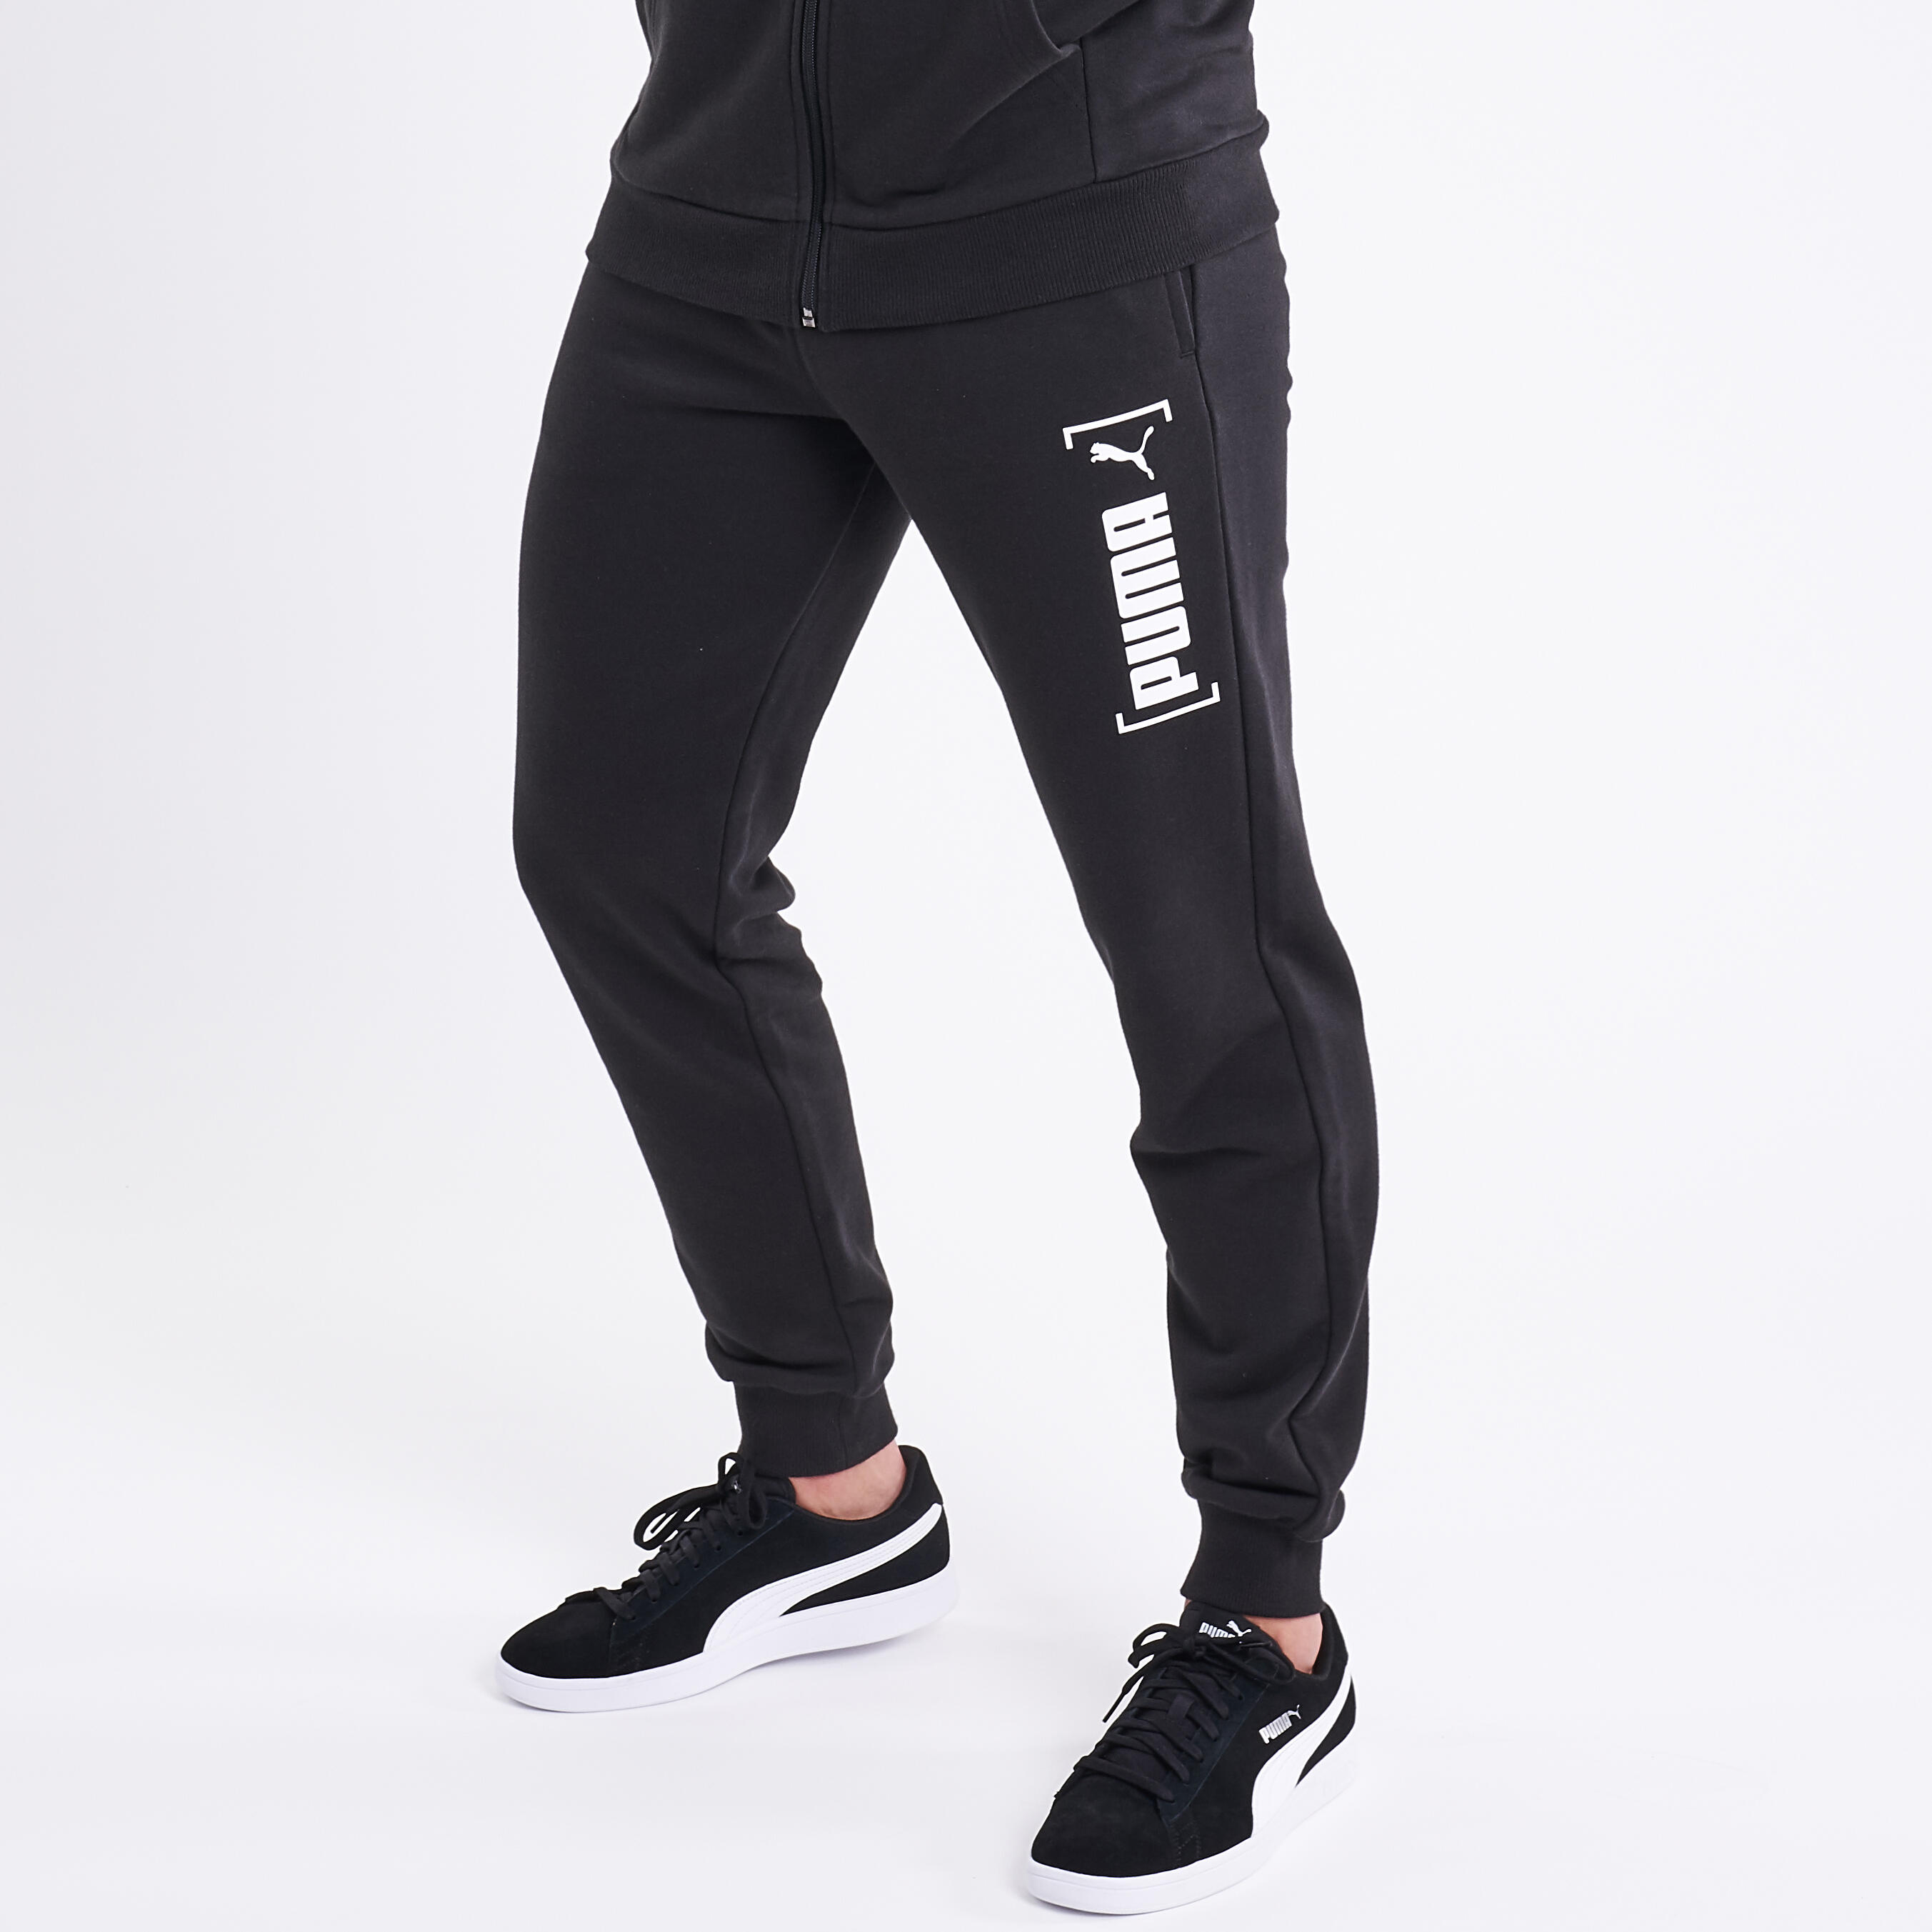 Pantalon fitness 100 Puma imagine